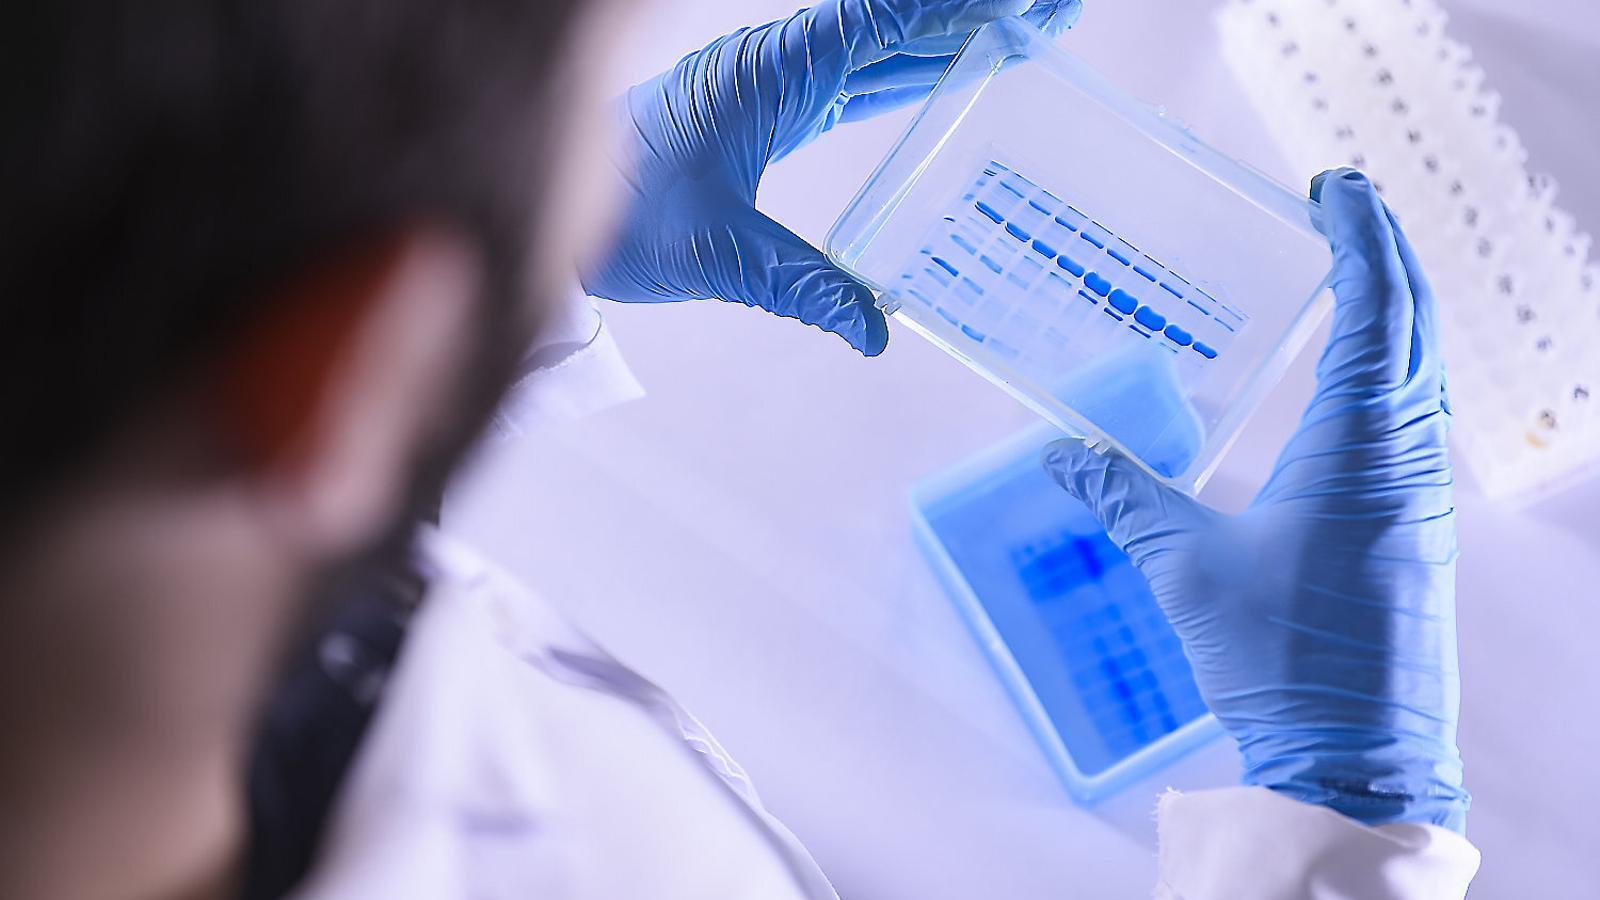 Anàlisi d'antigens amb un gel en un laboratori on es fa recerca per a la vacuna.